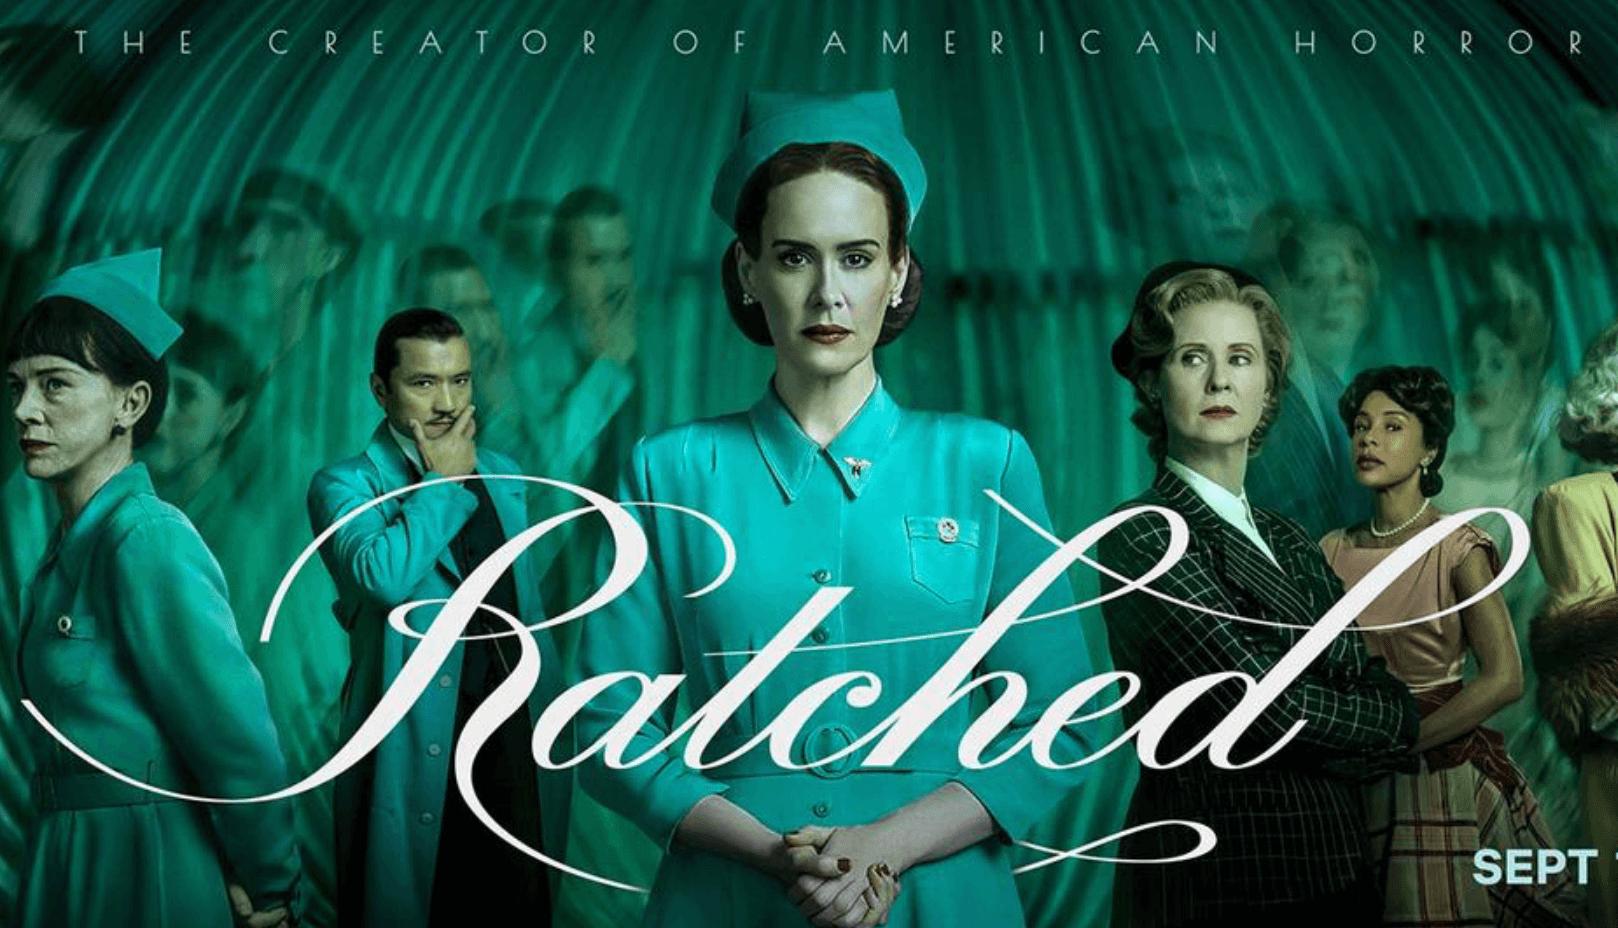 海外ドラマ「ラチェッド」 映画「カッコーの巣の上で」に登場した看護婦長ラチェッドを描いた前日譚ドラマ あらすじ&感想 キャストまとめ